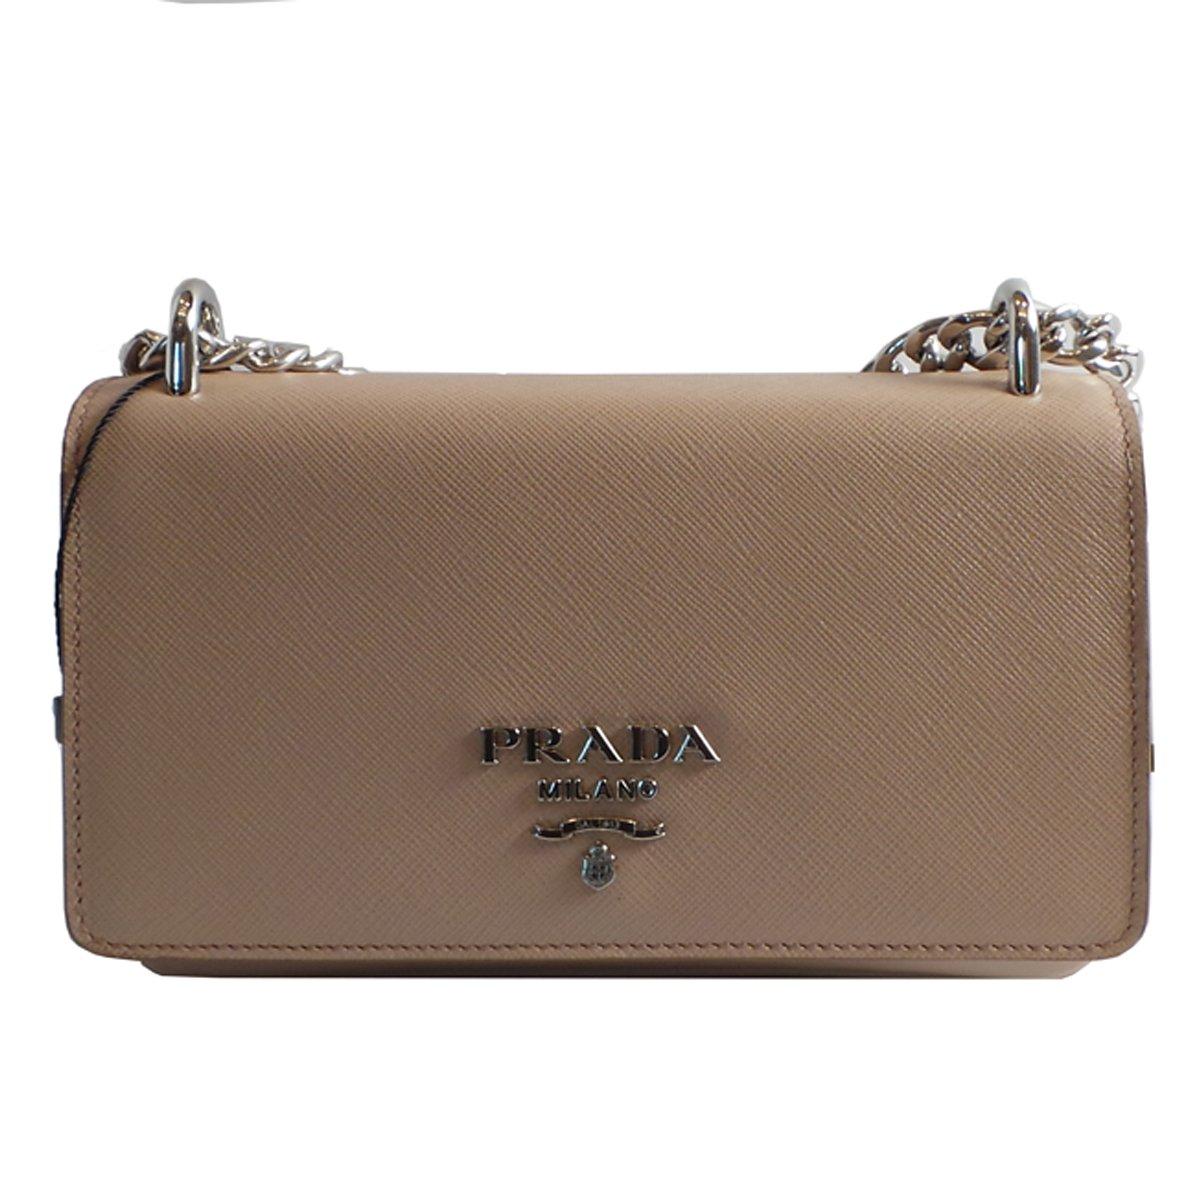 36fd7e207700 Prada Women's Rose Beige Saffiano Crossbody Soft Calf Leather 1BD144:  Handbags: Amazon.com